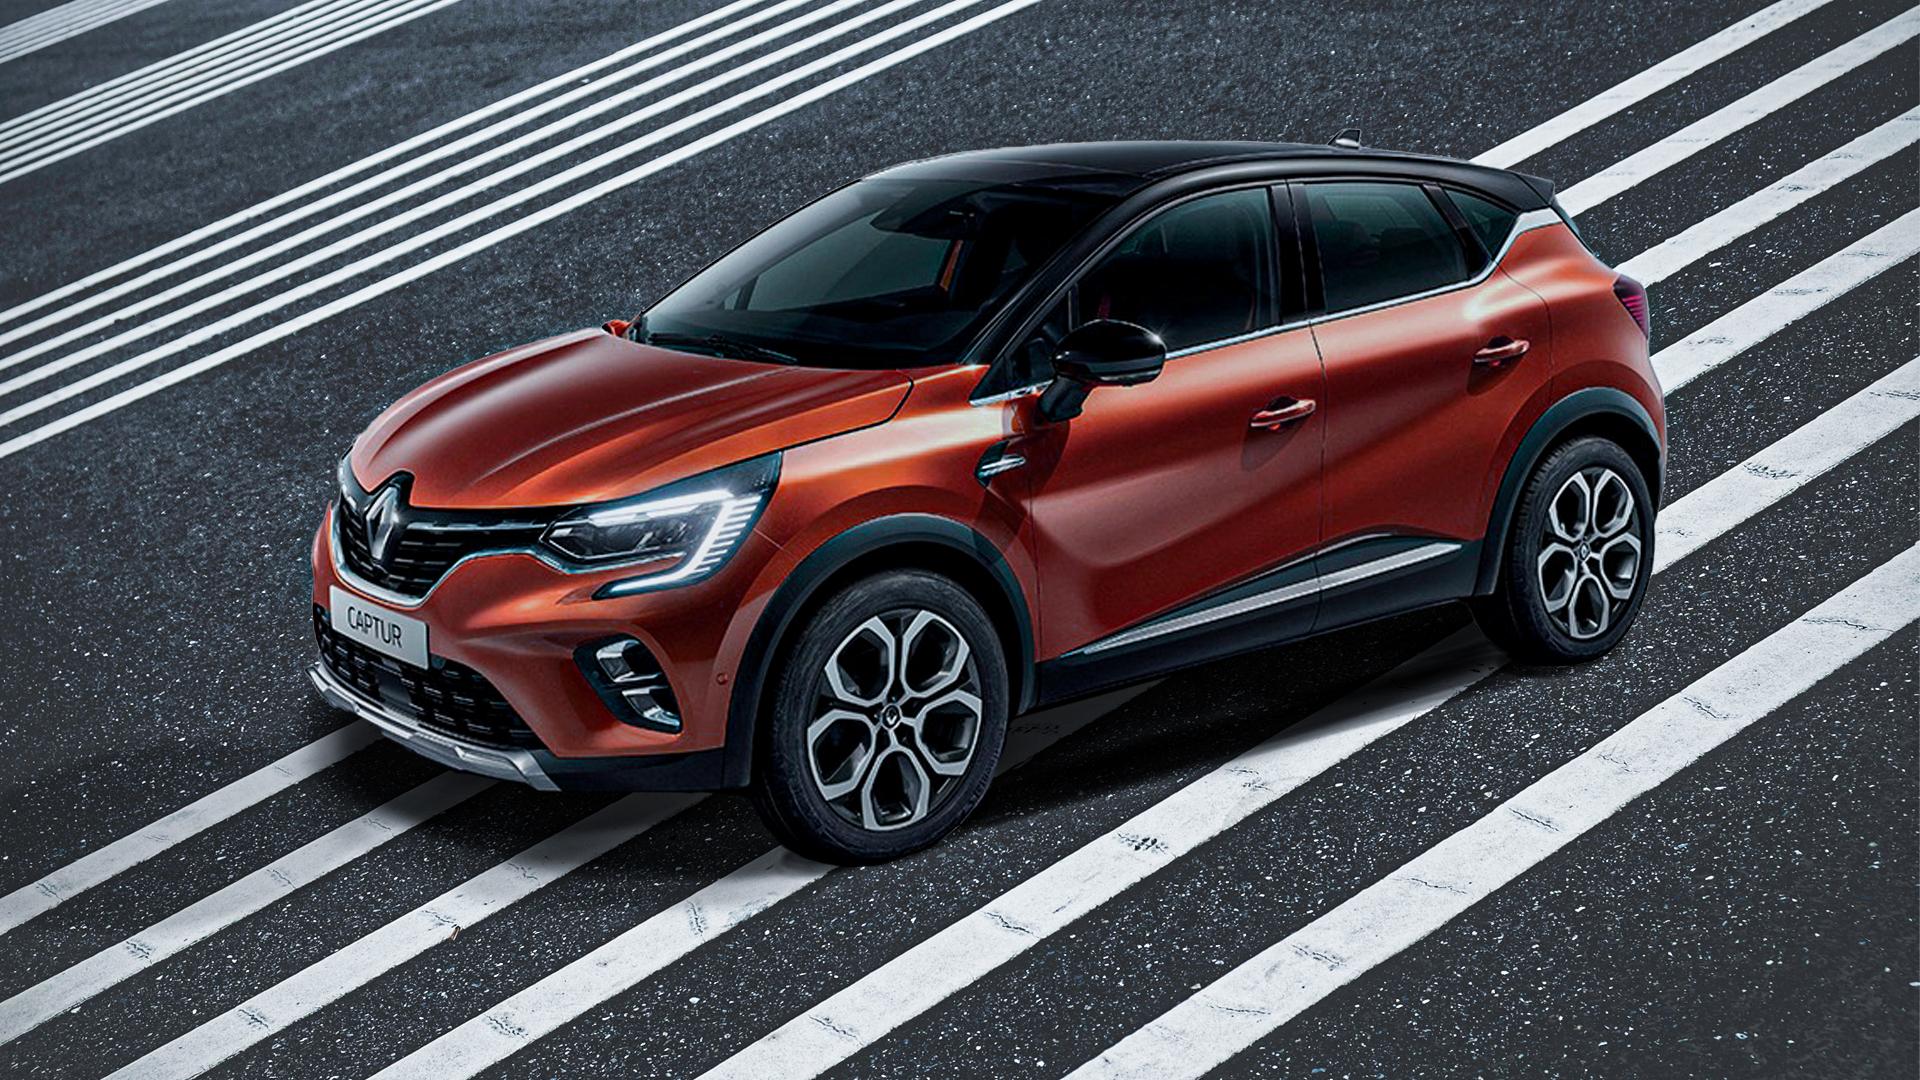 Novo motor do Renault Capture oferece 150cv de potência